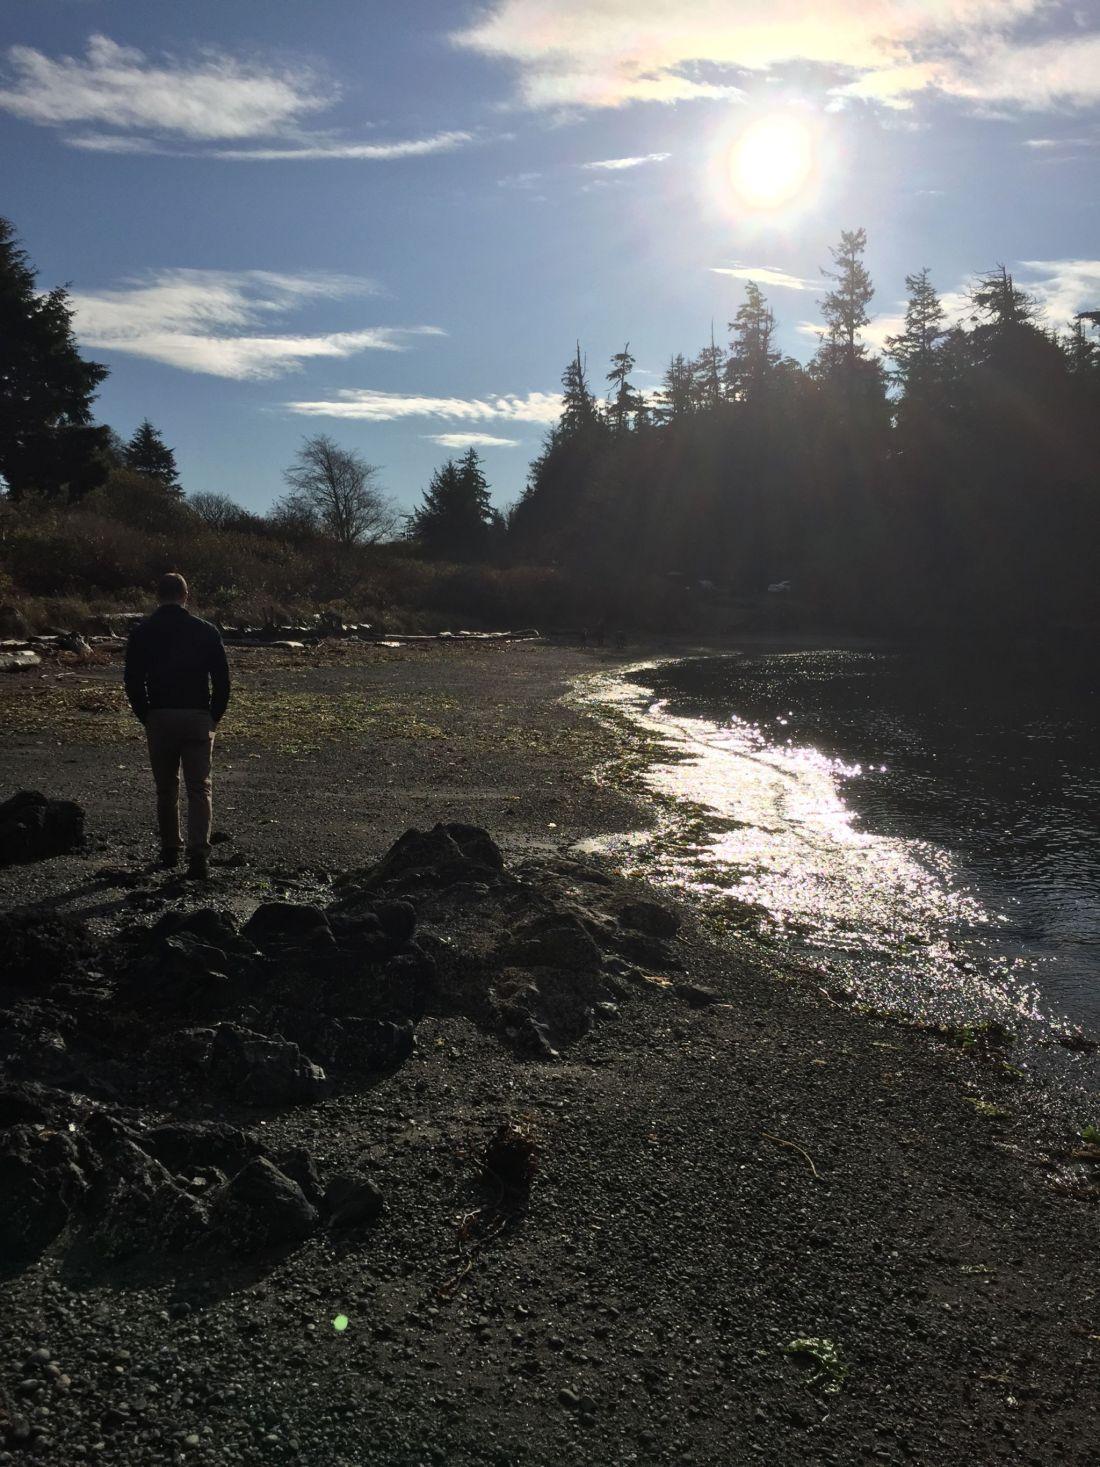 On a beach near Ucluelet, Vancouver Island